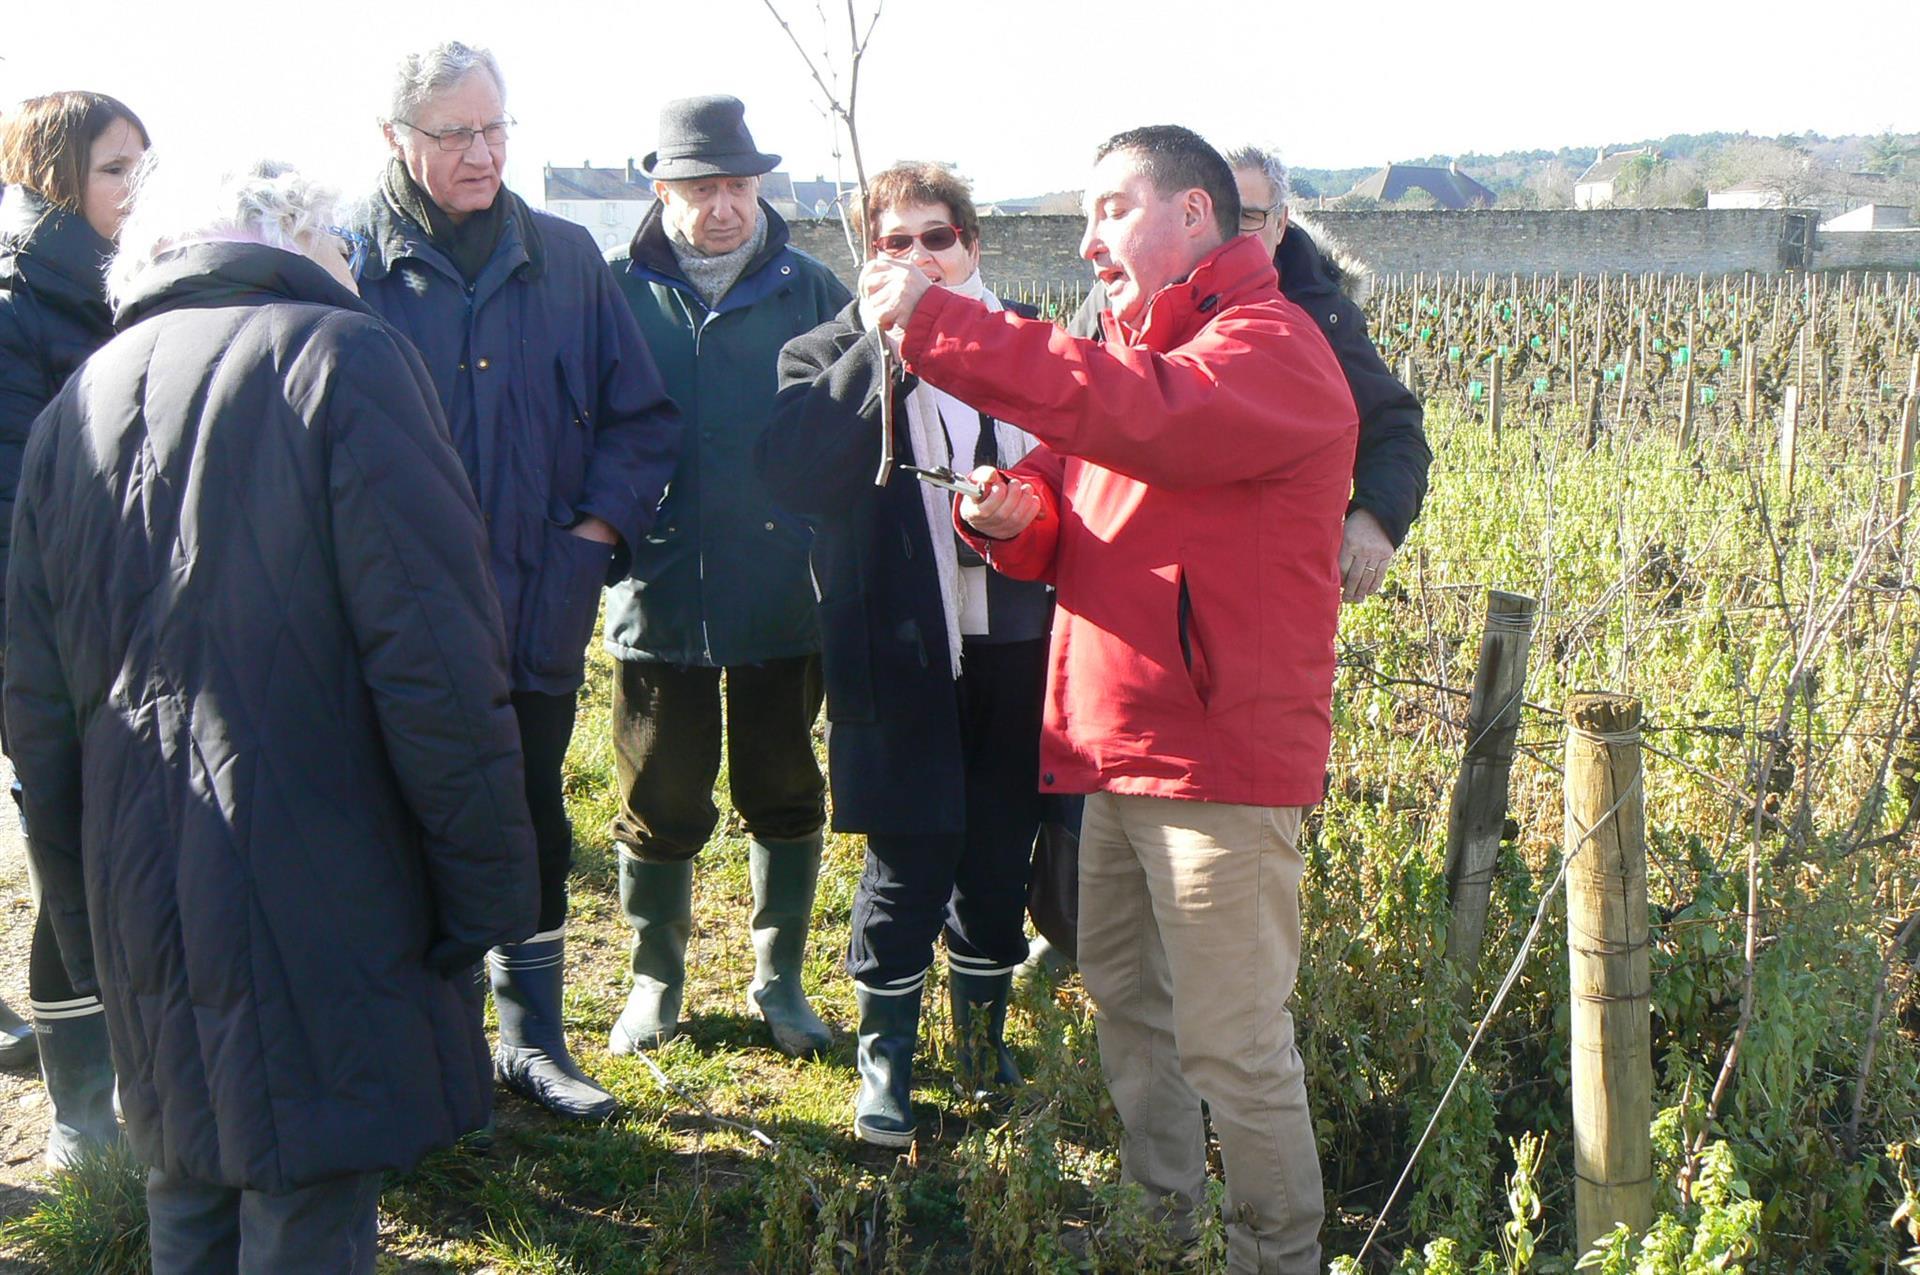 Balades avec l''Atelier de la Vigne et du Vin - Atelier Vigne et Vin Beaune Bourgogne